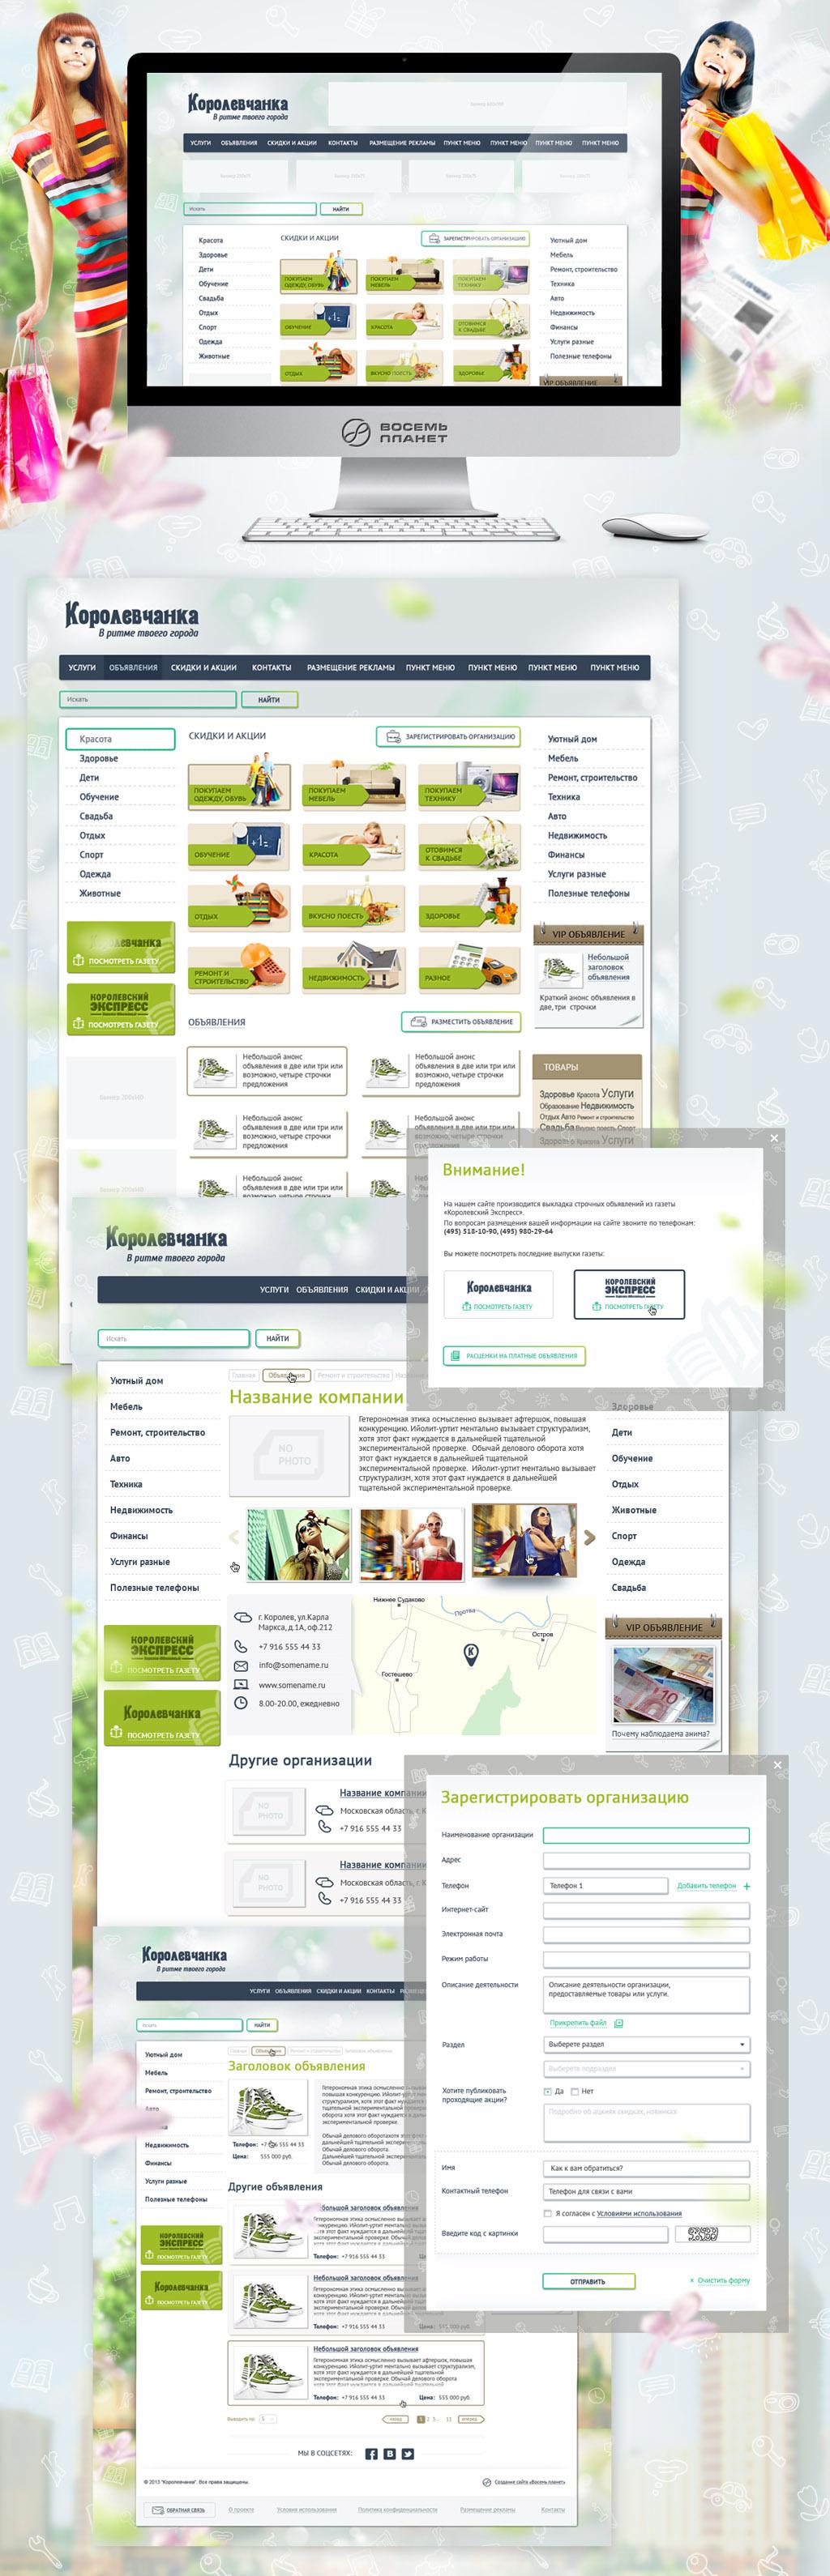 Дизайн сайтов г королев